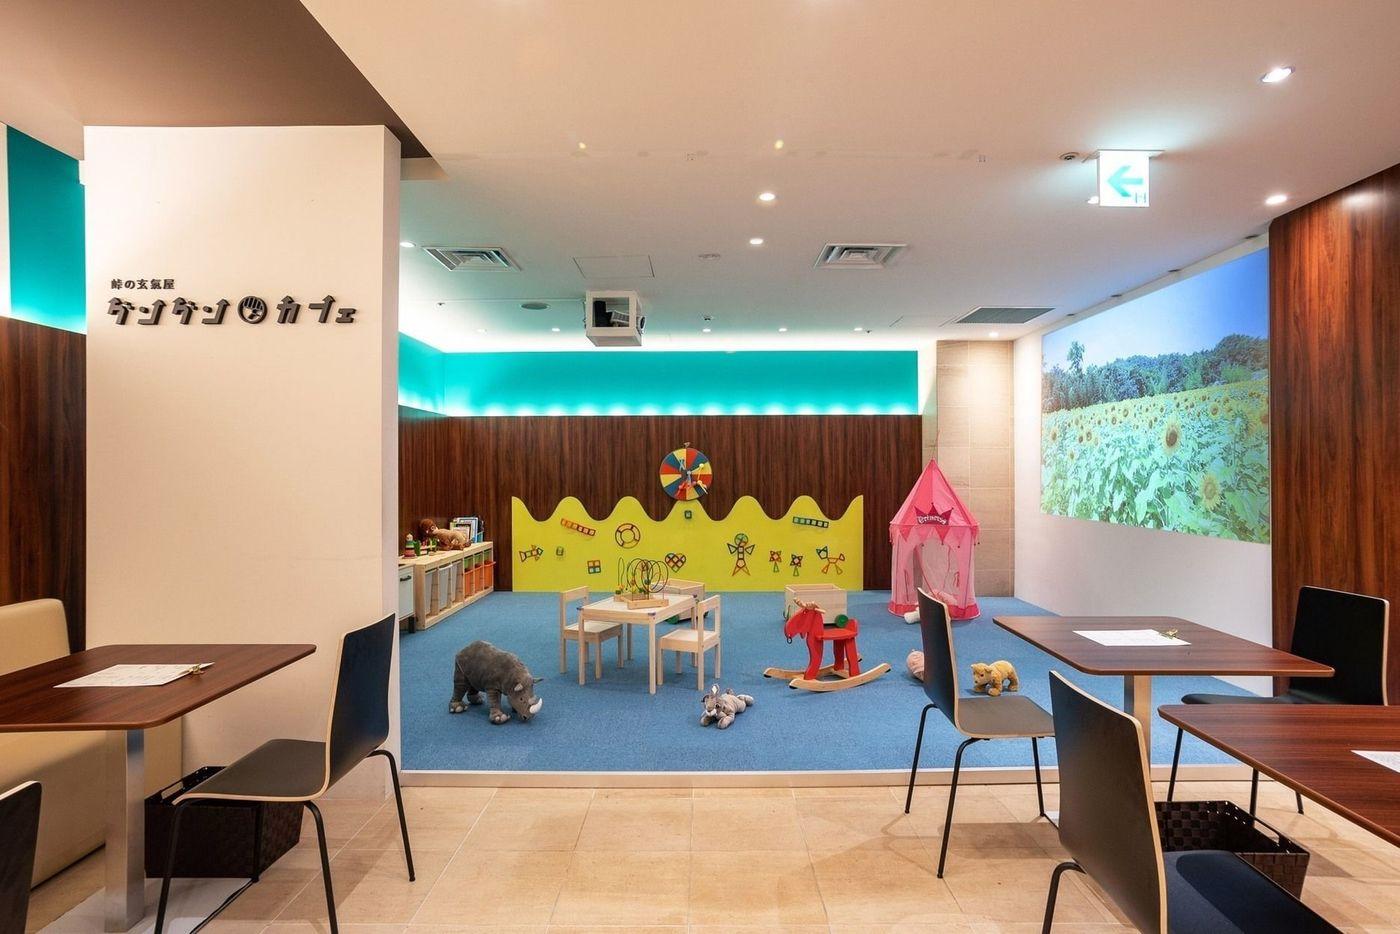 中洲川端のおしゃれカフェ!電源や無料WiFi付きのおすすめ8選の画像